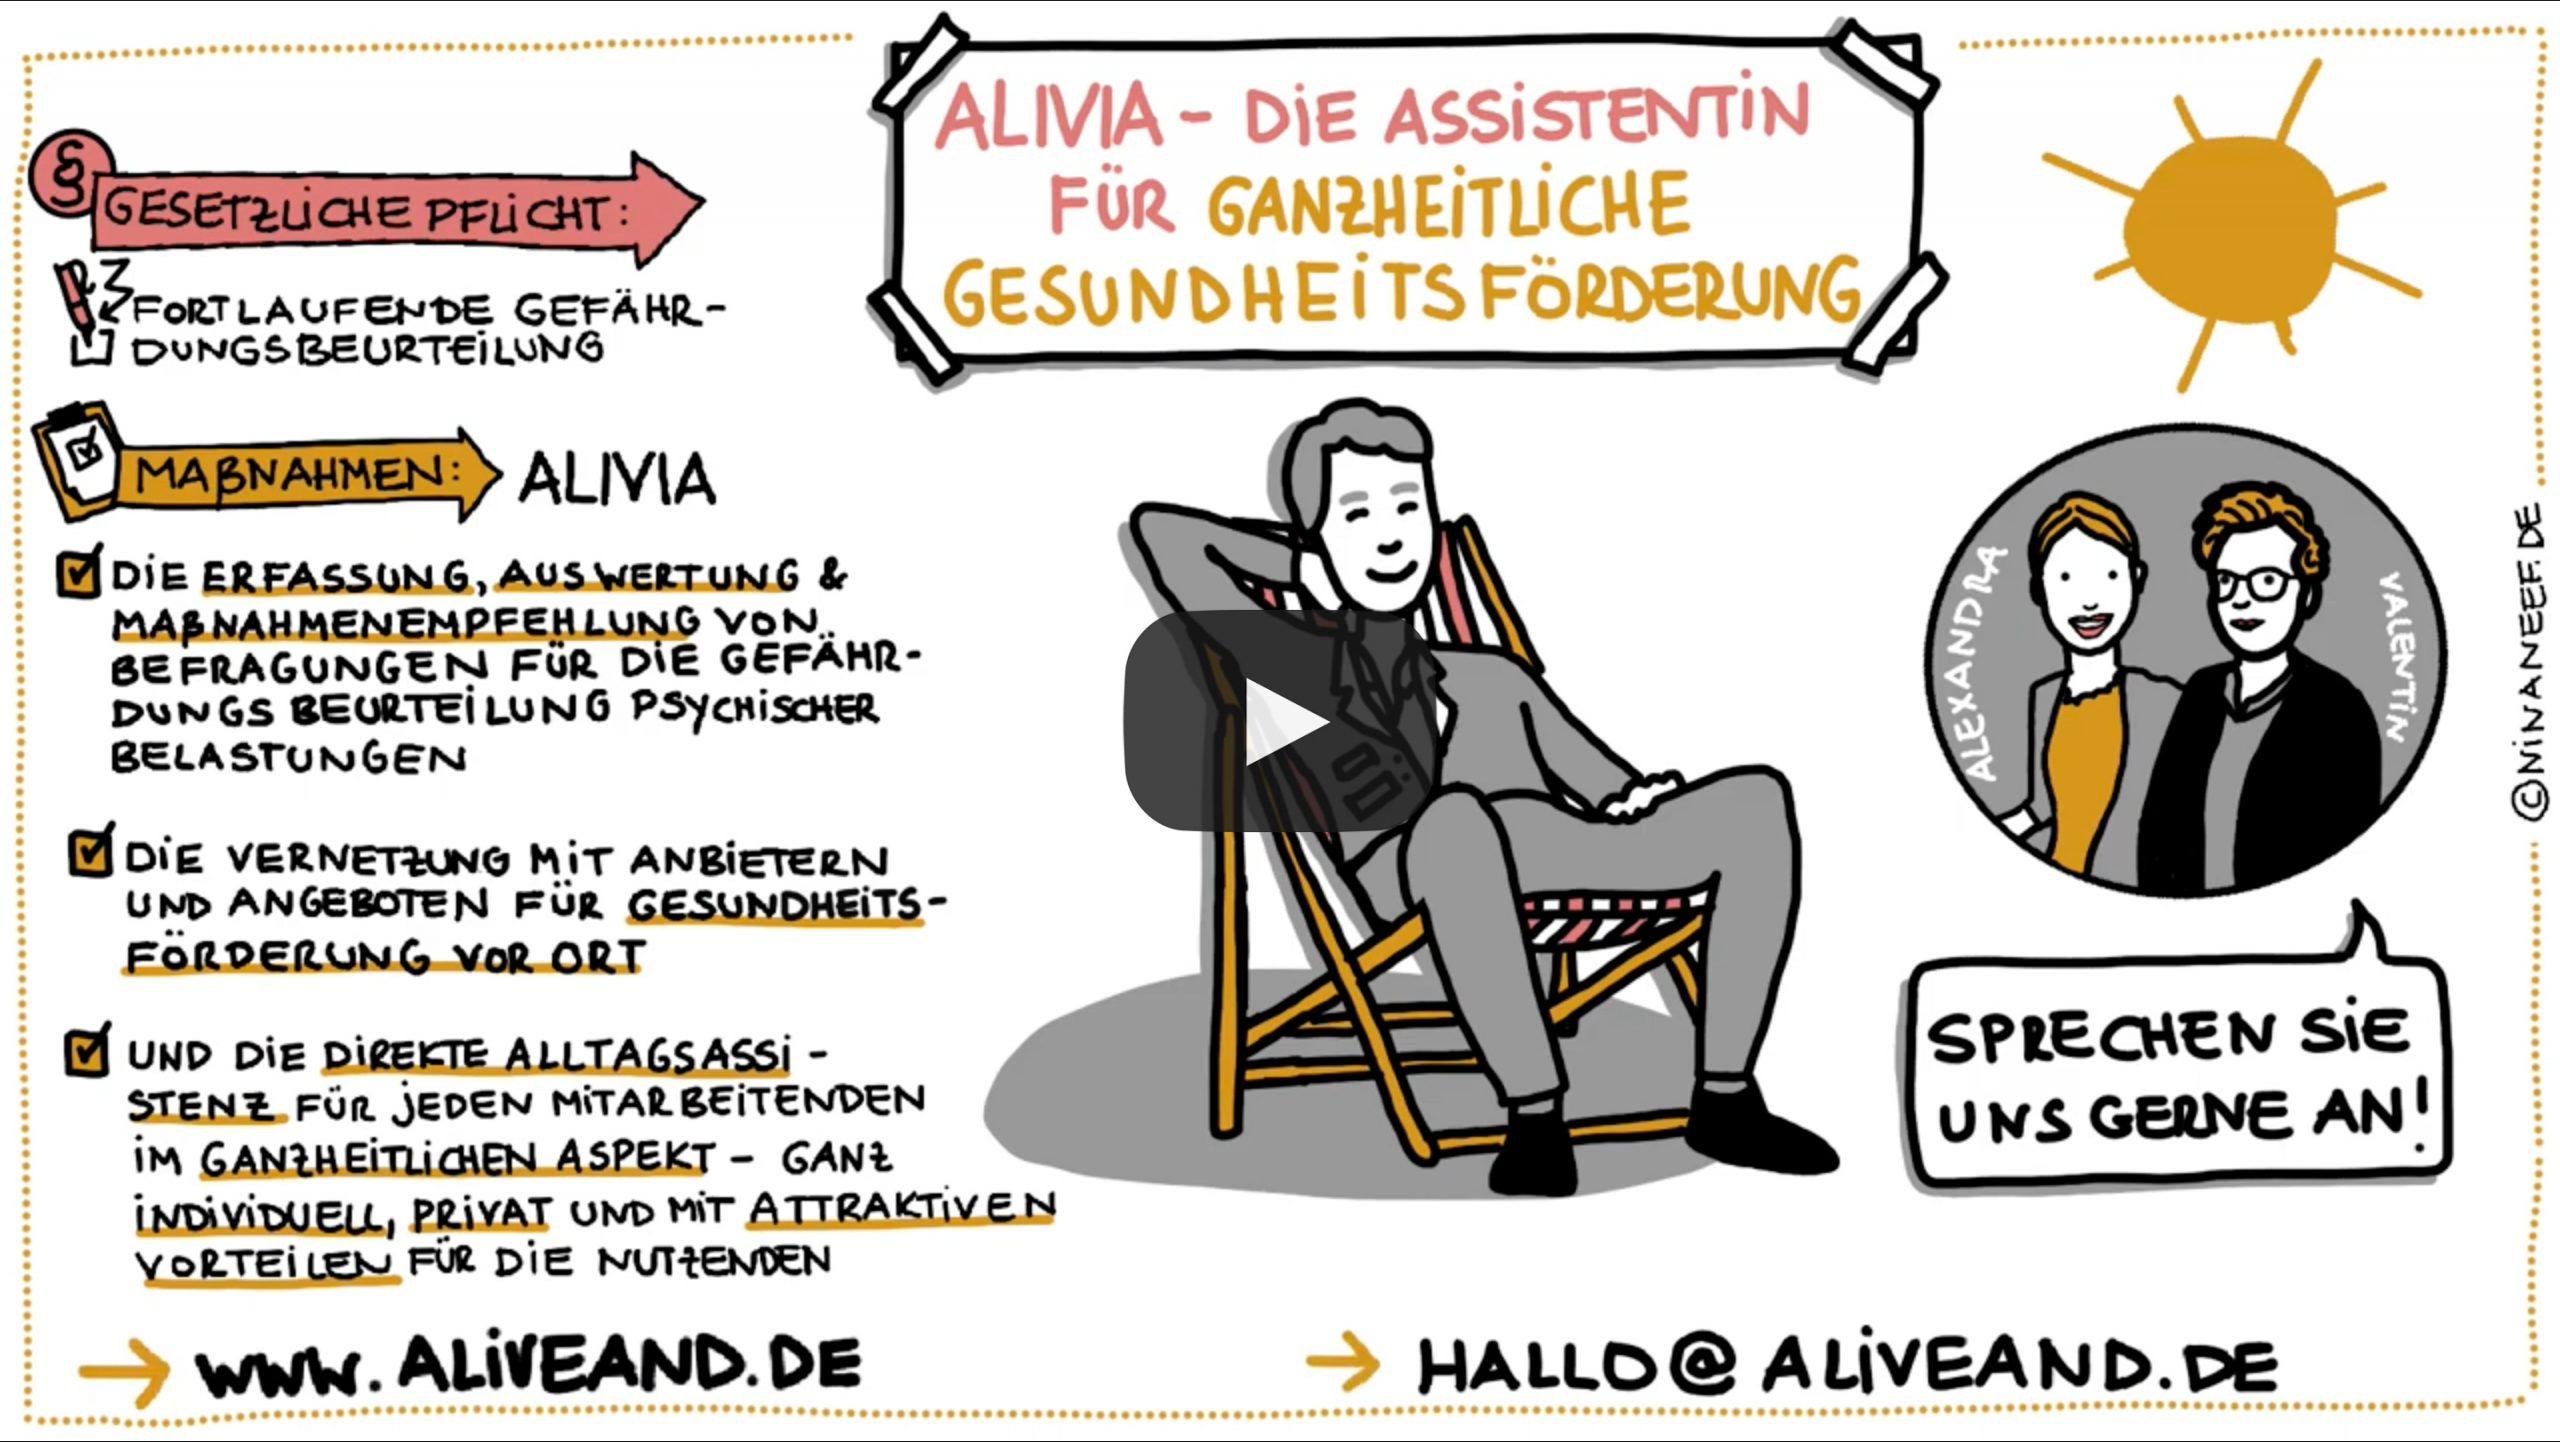 Nina Neef Illustrierte Und Erstellte Anschließend Einen Erklärfilm Für Alivia.